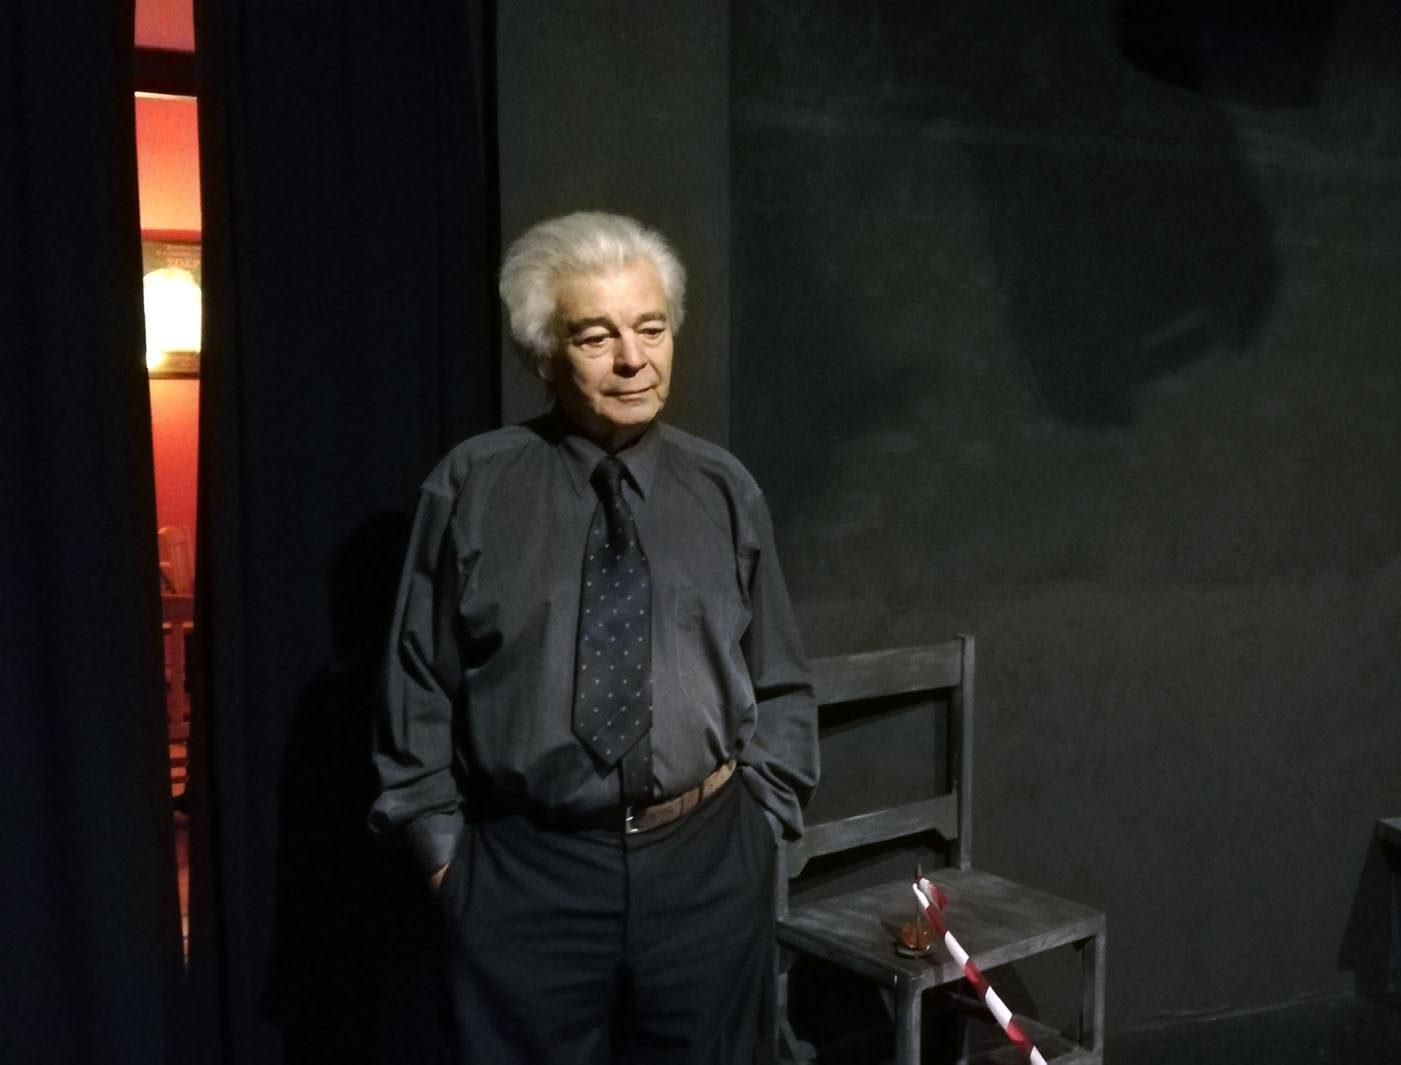 Γιάννης Μόρτζος ηθοποιός